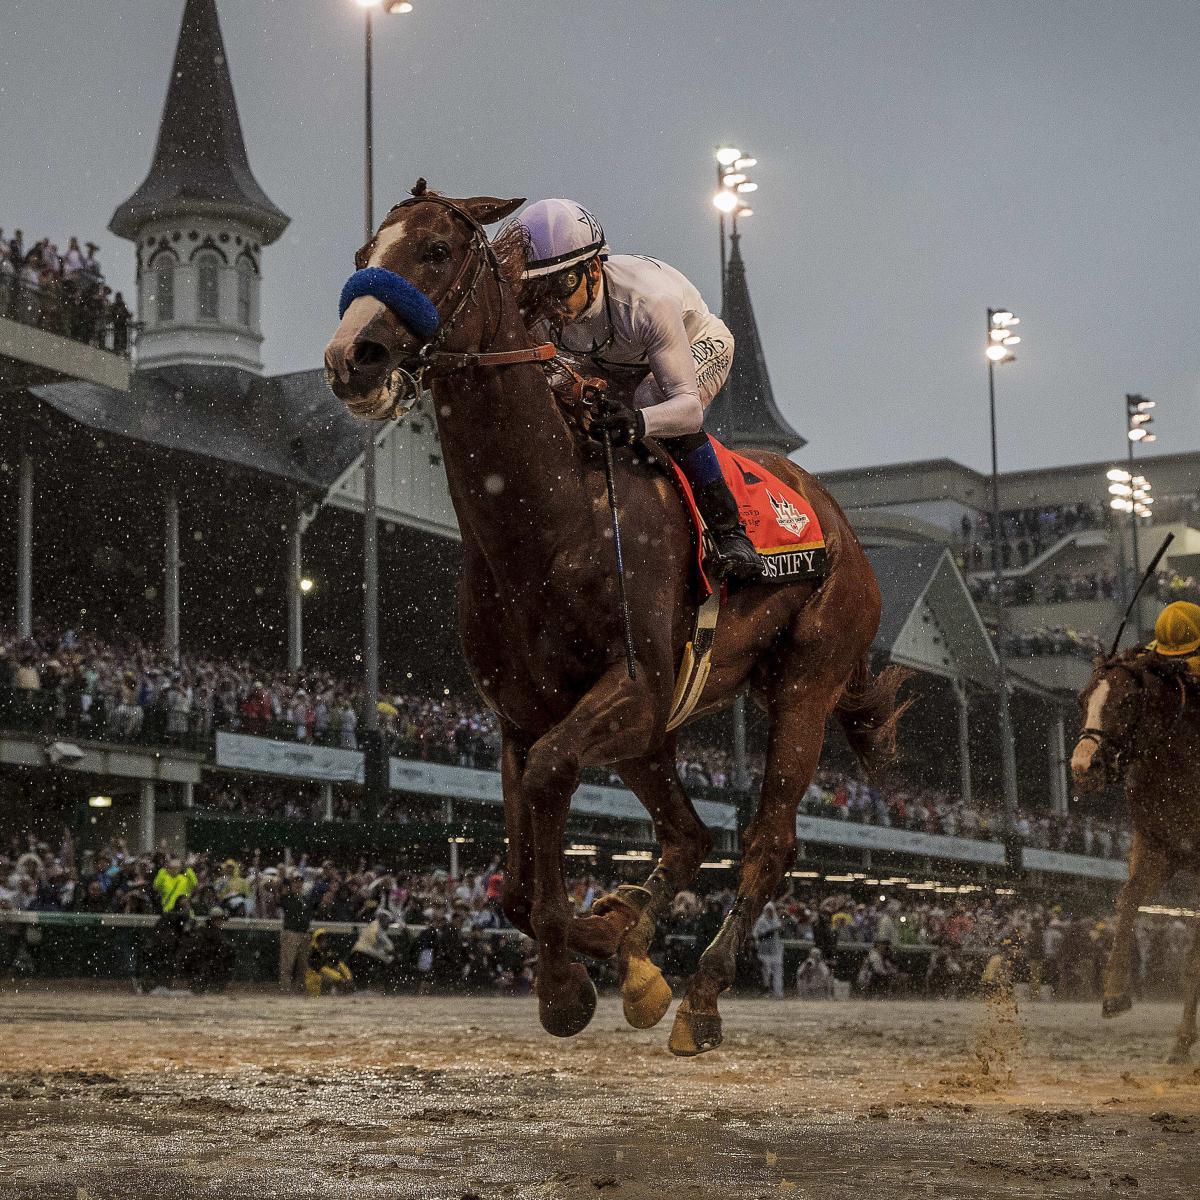 Texas Woman Wins $255.25 Million on $2558 Kentucky Derby, Early Race ...